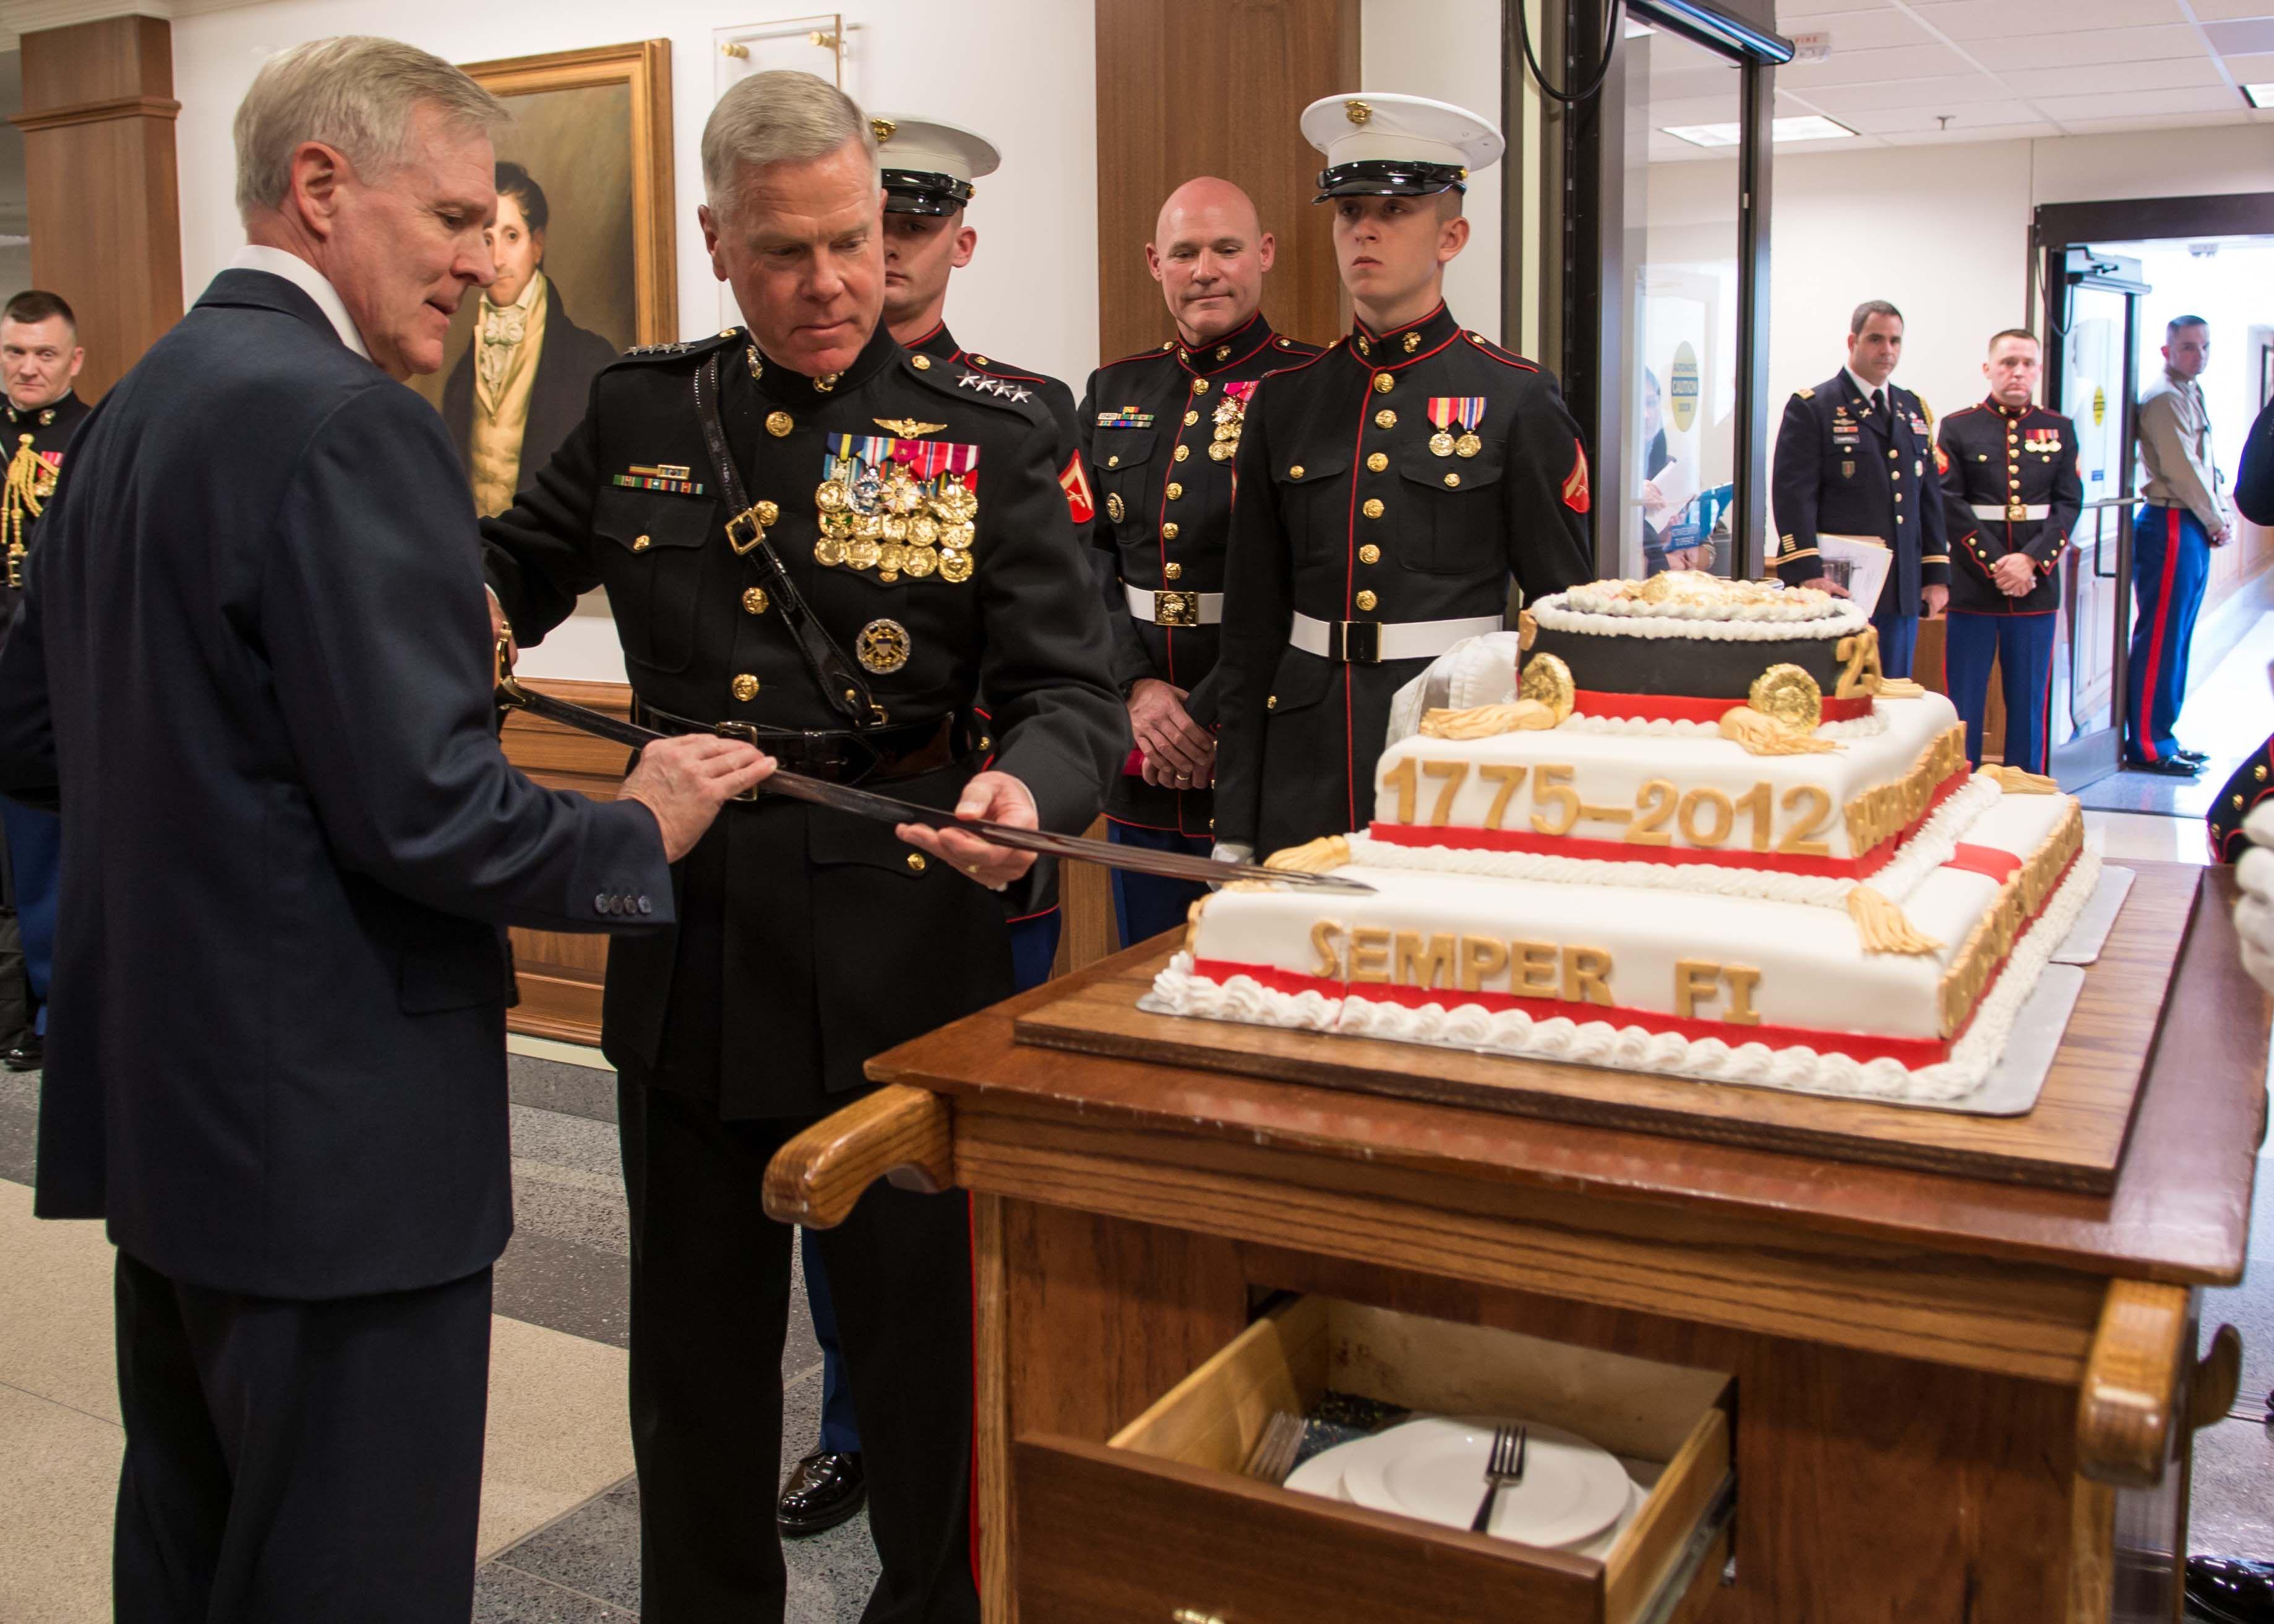 Secretary of the Navy (SECNAV) Ray Mabus and Commandant of